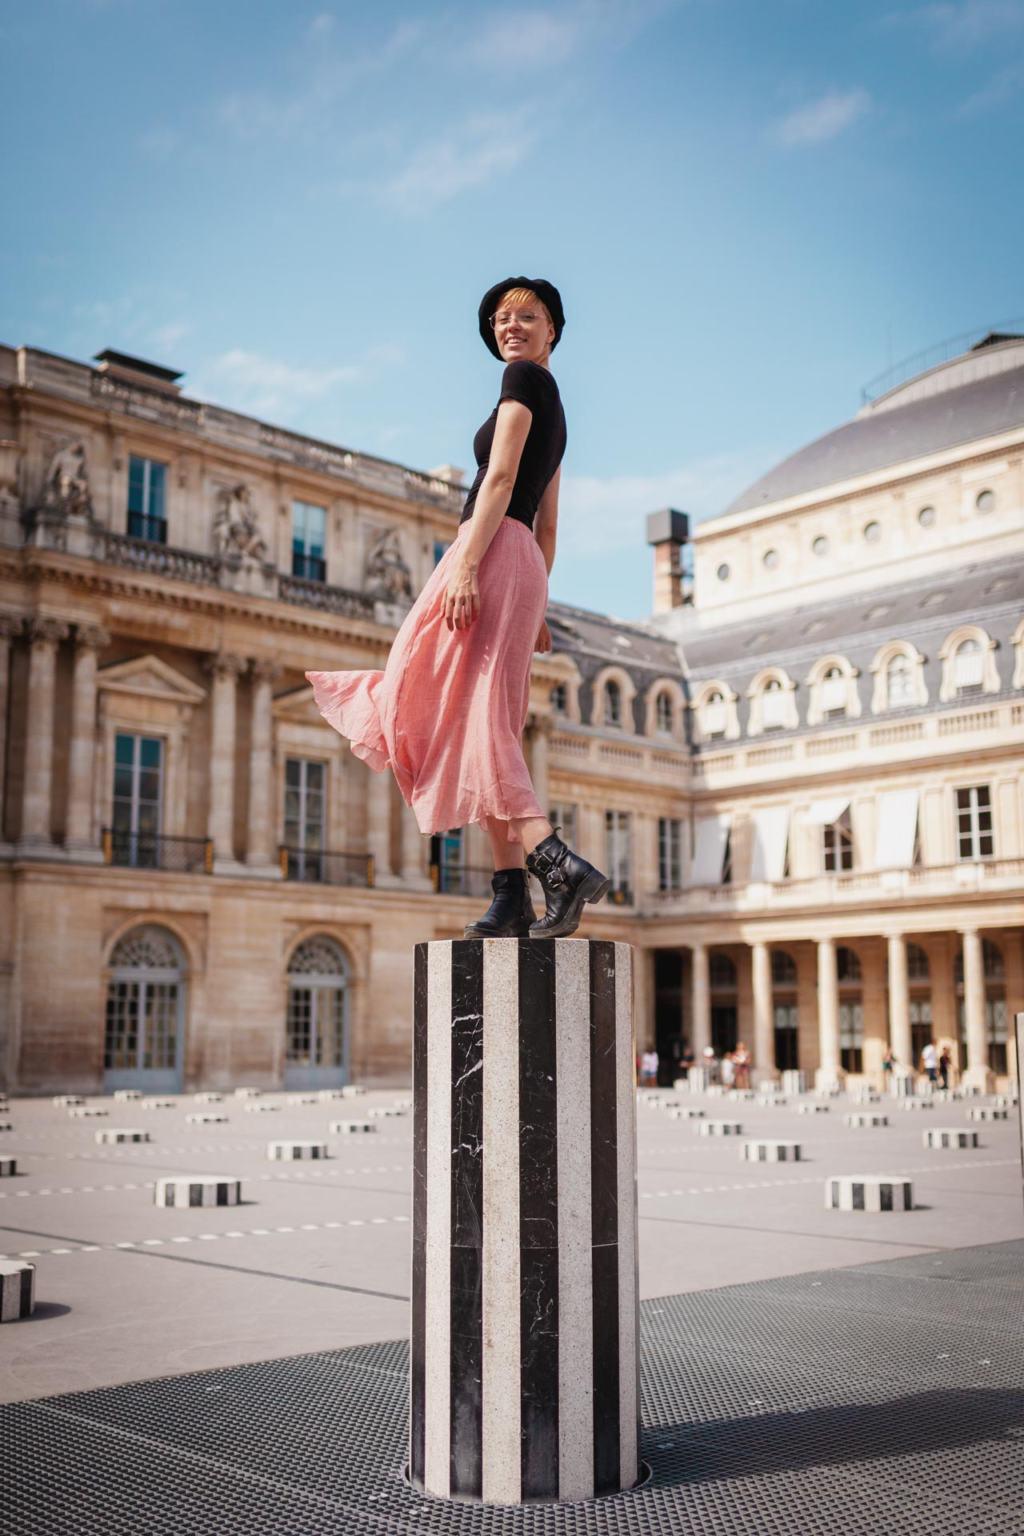 Colonnes de Buren, Les Deux Plateaux, Palais Royal, Paris